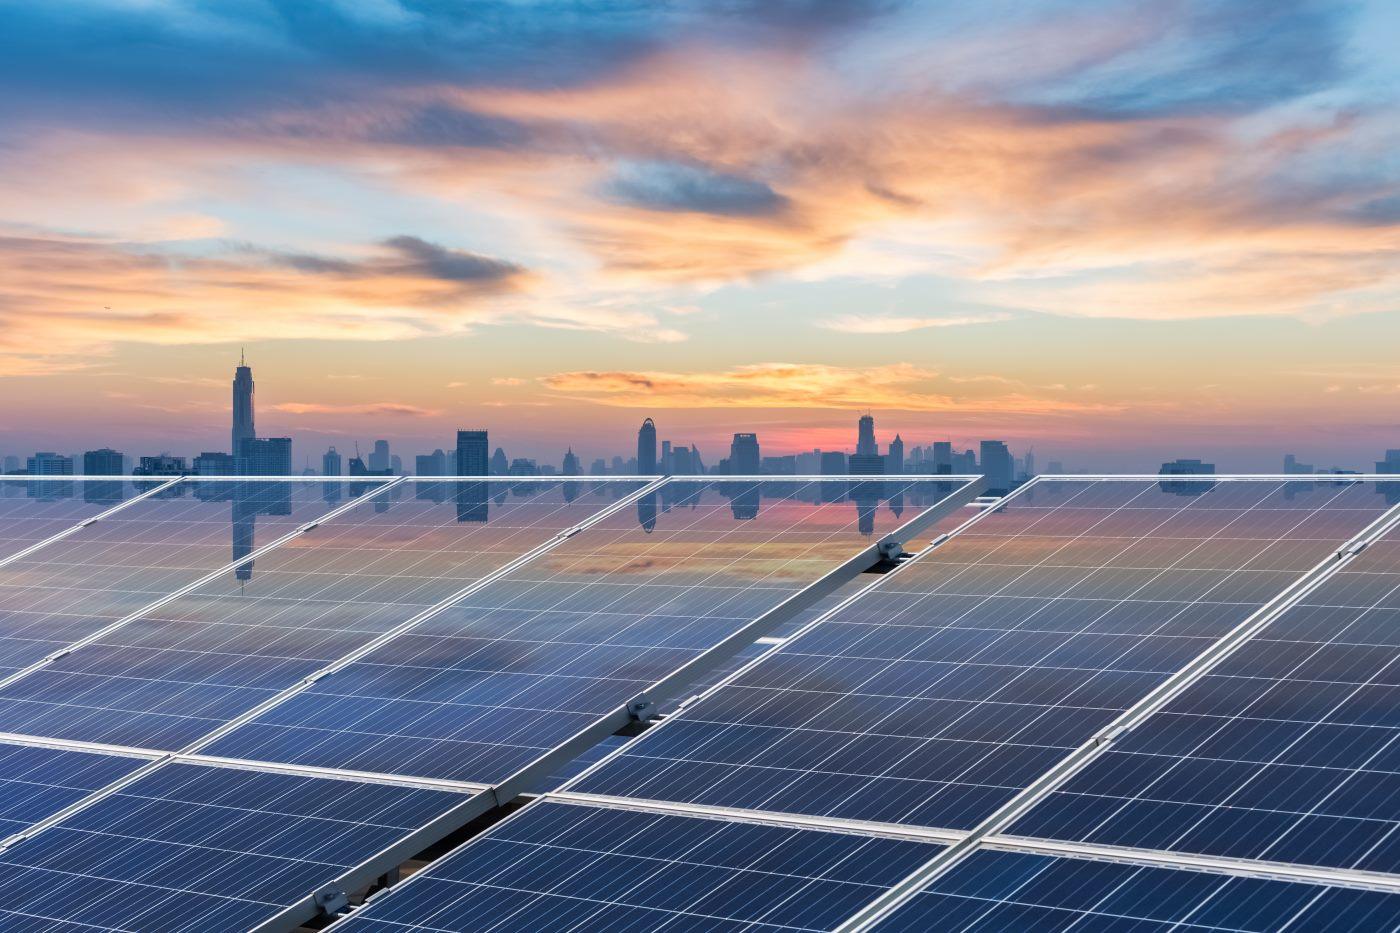 Placas solares con amanecer al fondo